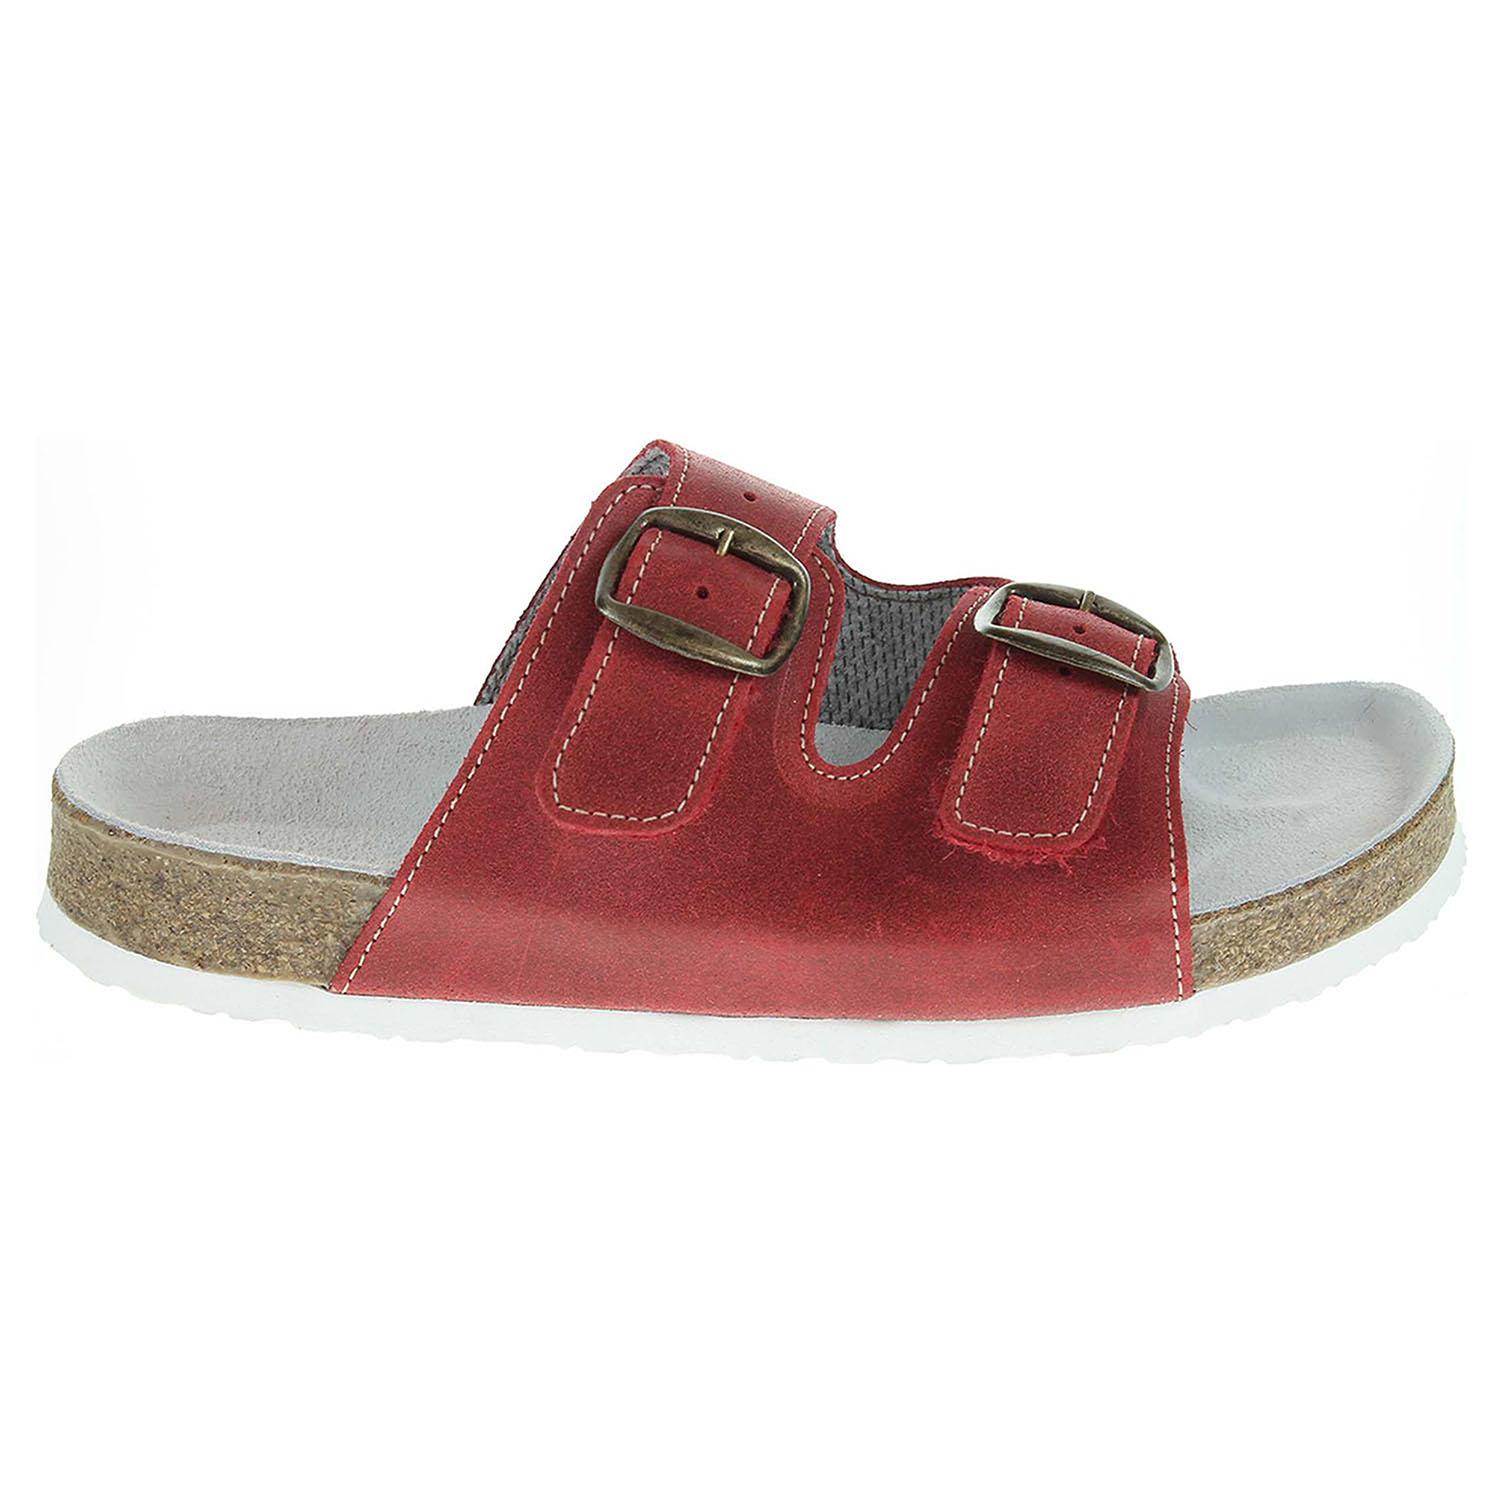 Ecco Pegres dámské pantofle 2100.00 červené 23400285